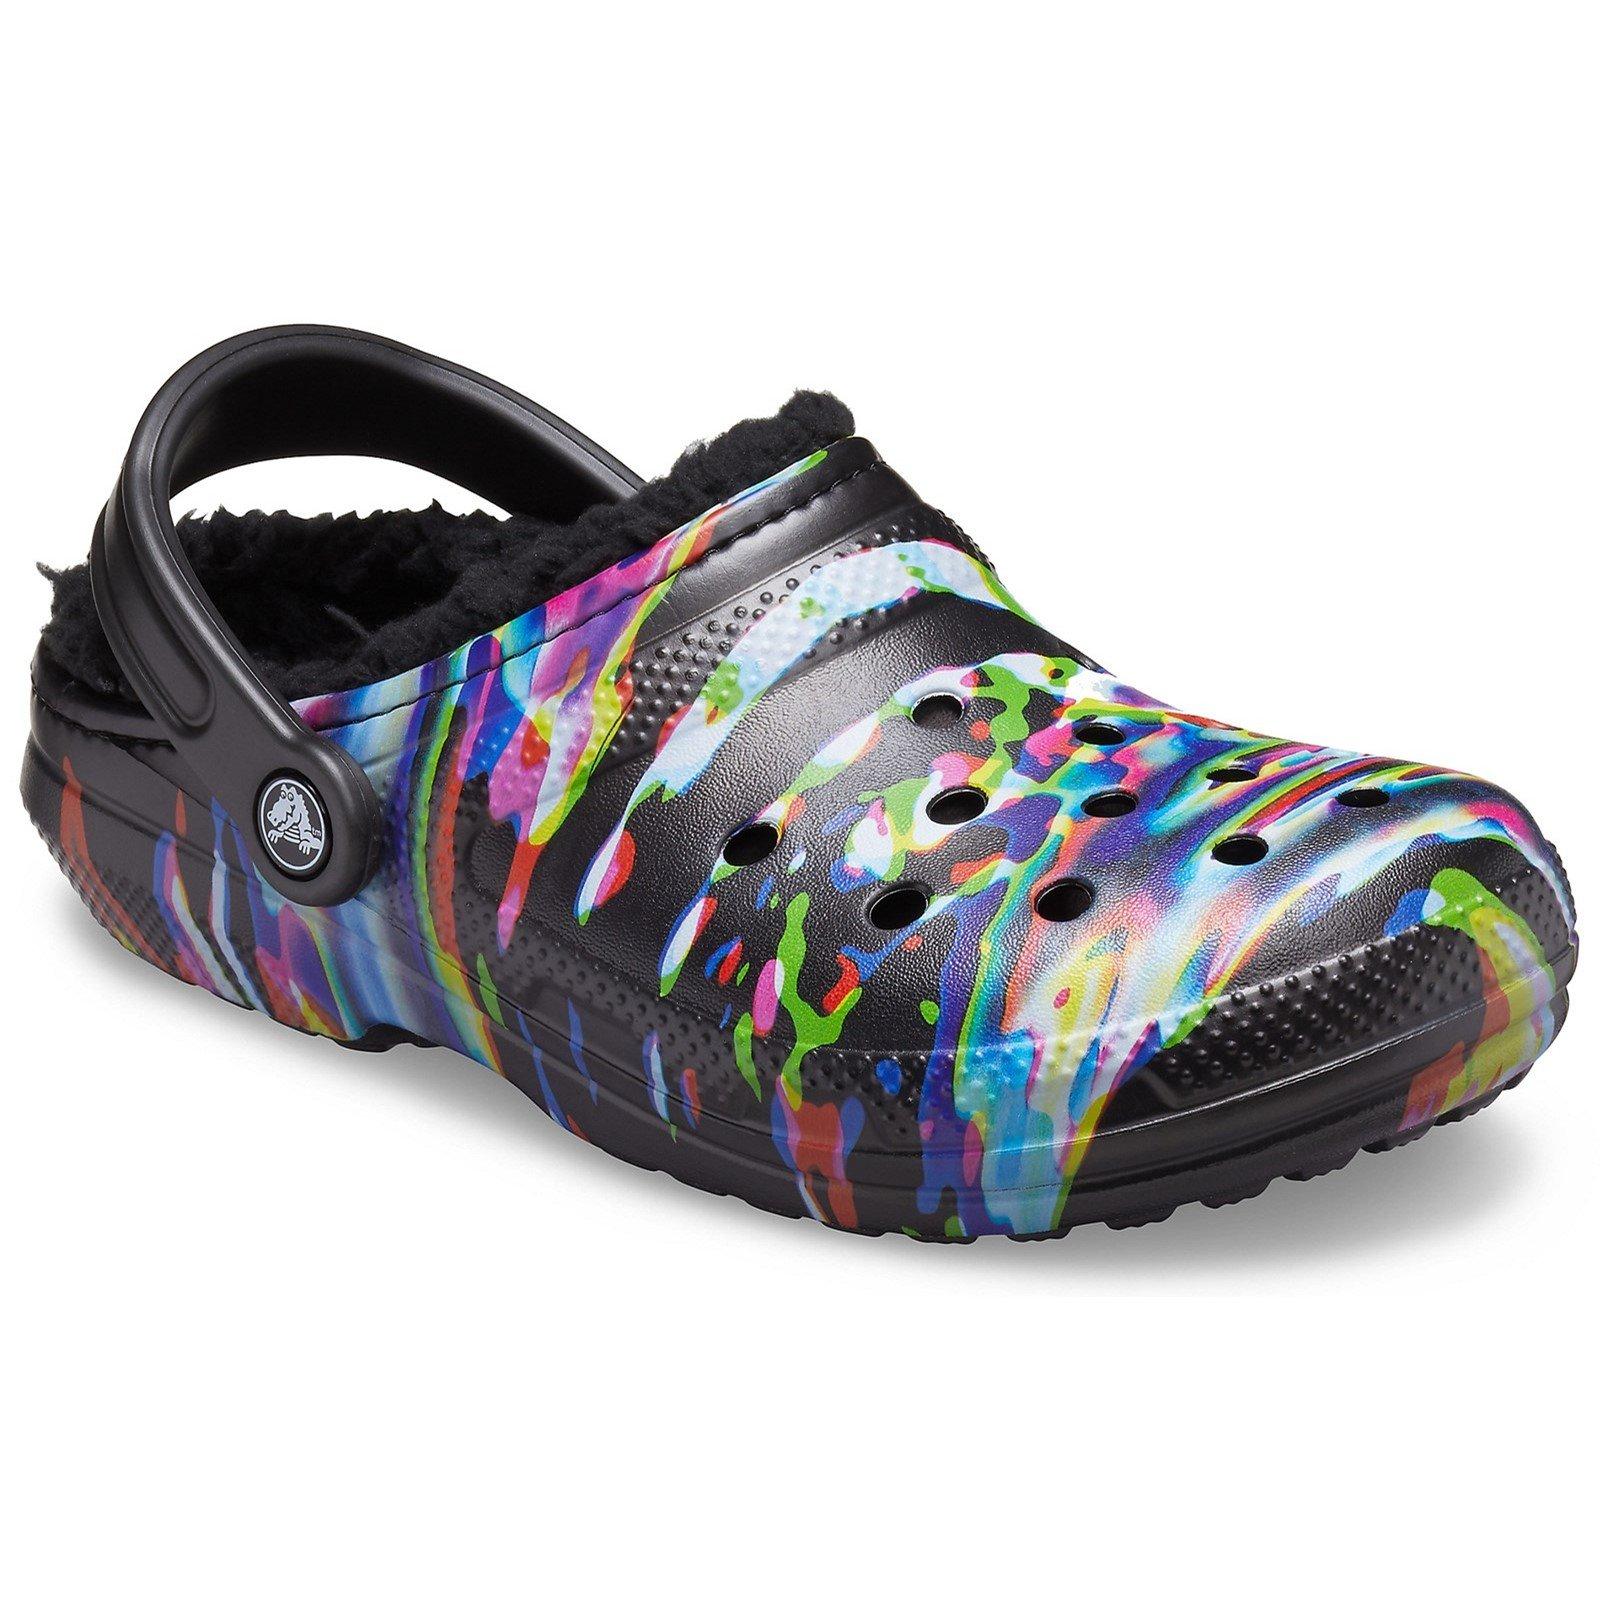 Crocs Women's Classic Lined Clog Shoe Various Colours 33508-57310 - Multi/Black 4